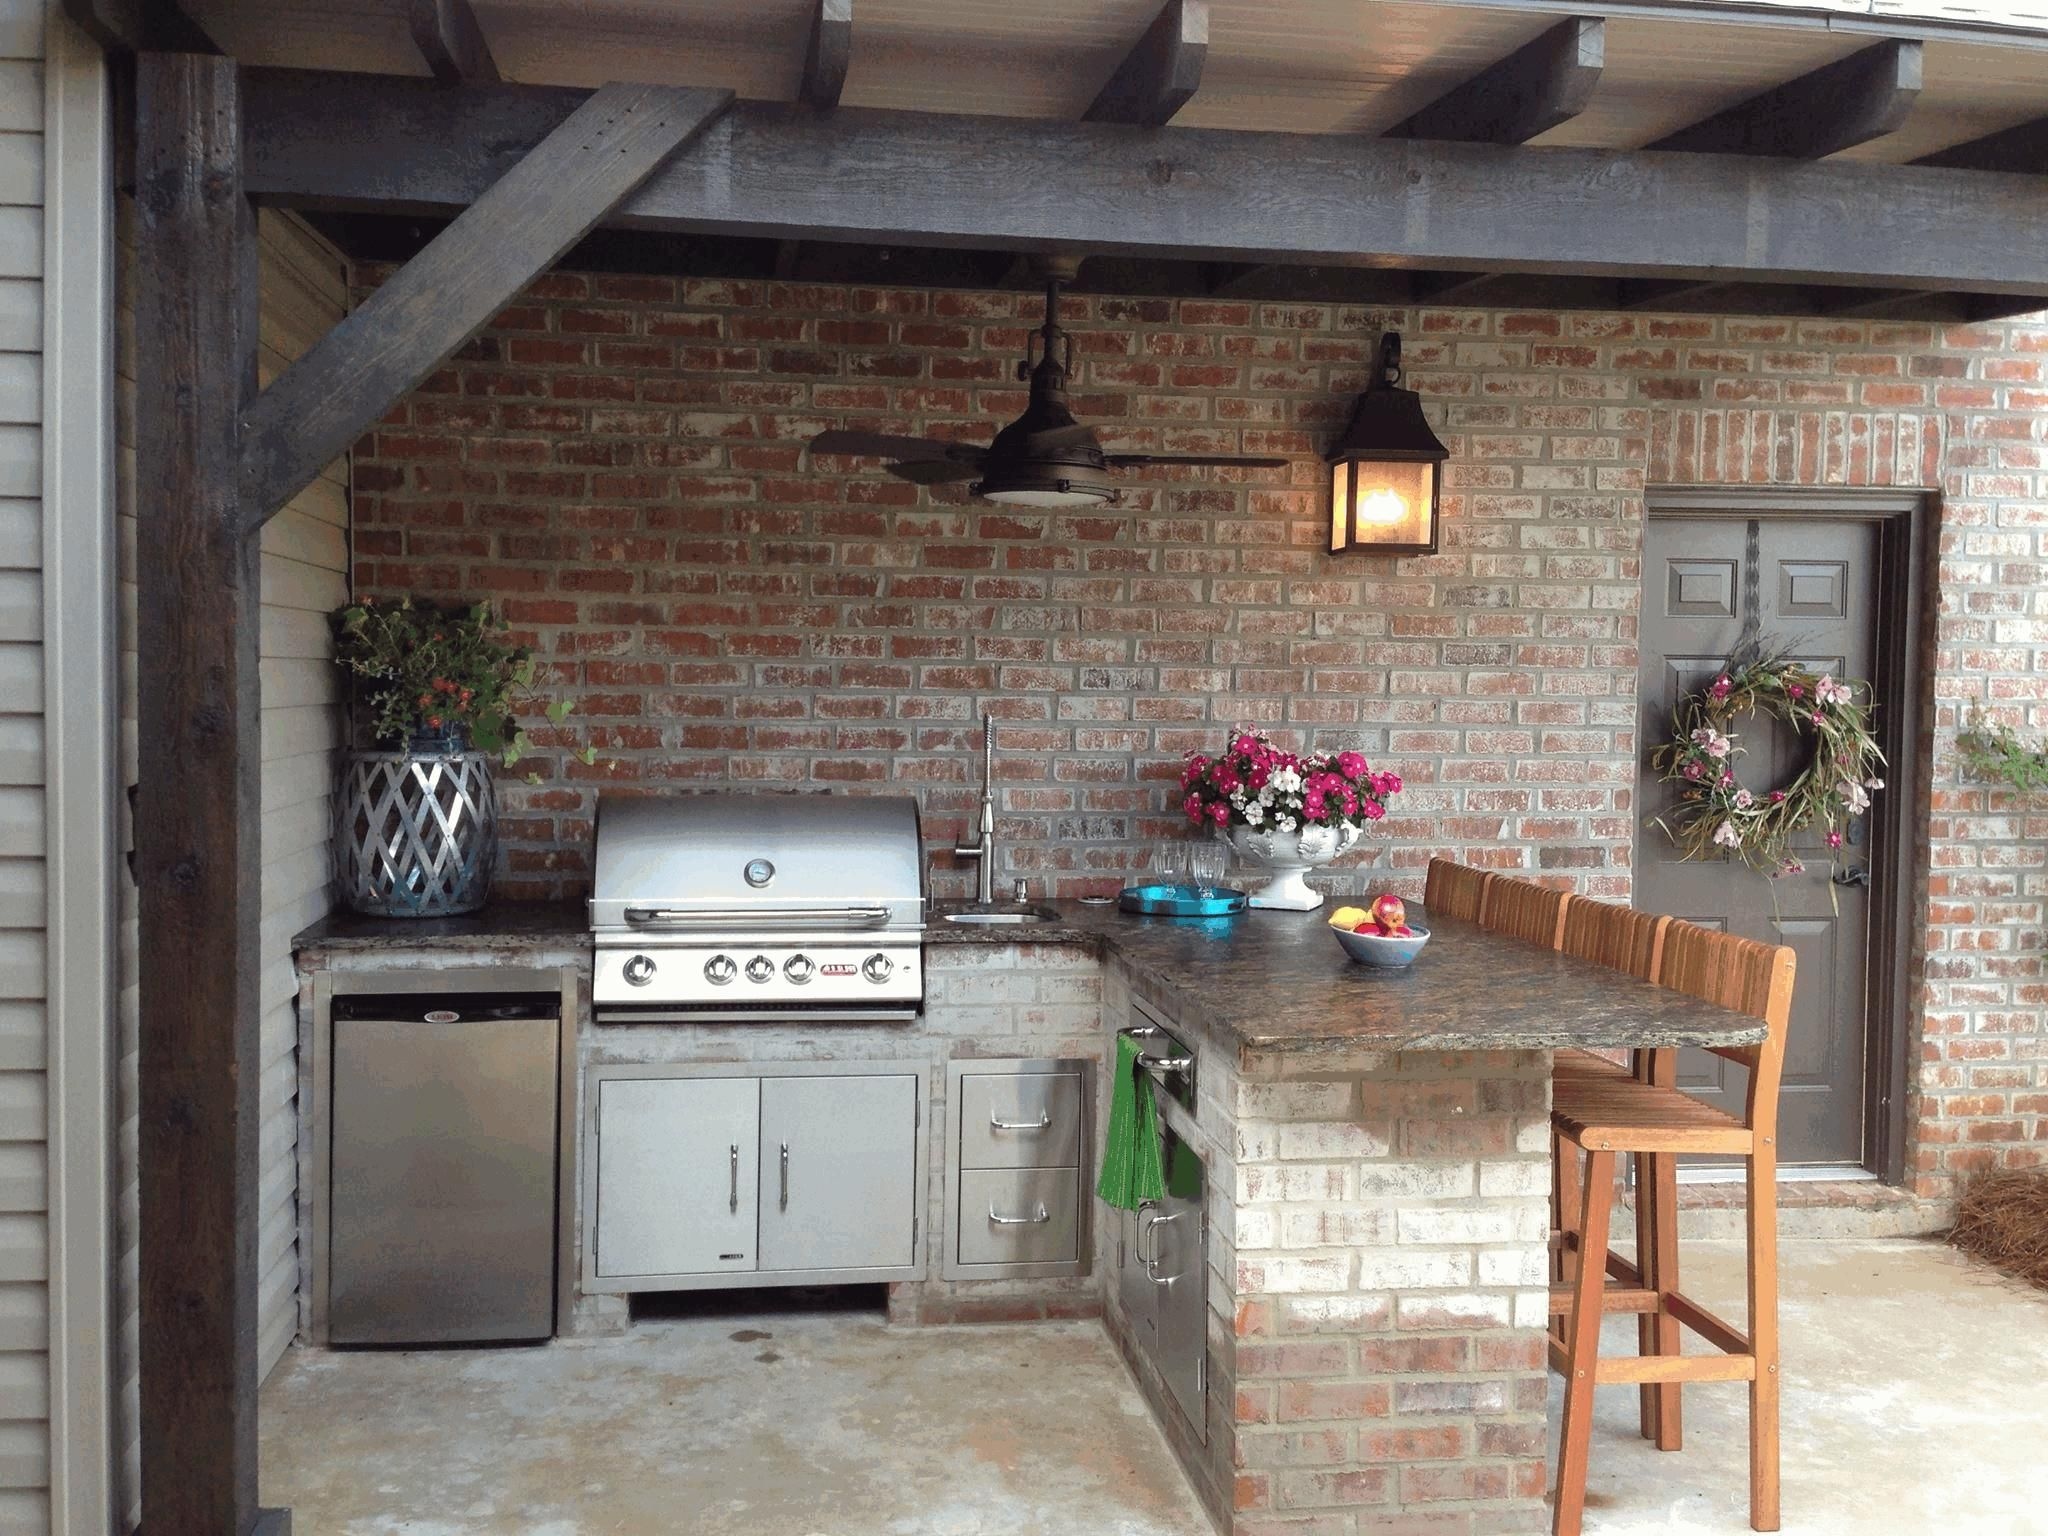 gemauerte Außenküche mit Barhocker, Grill und Kühlschrank | Garten ...